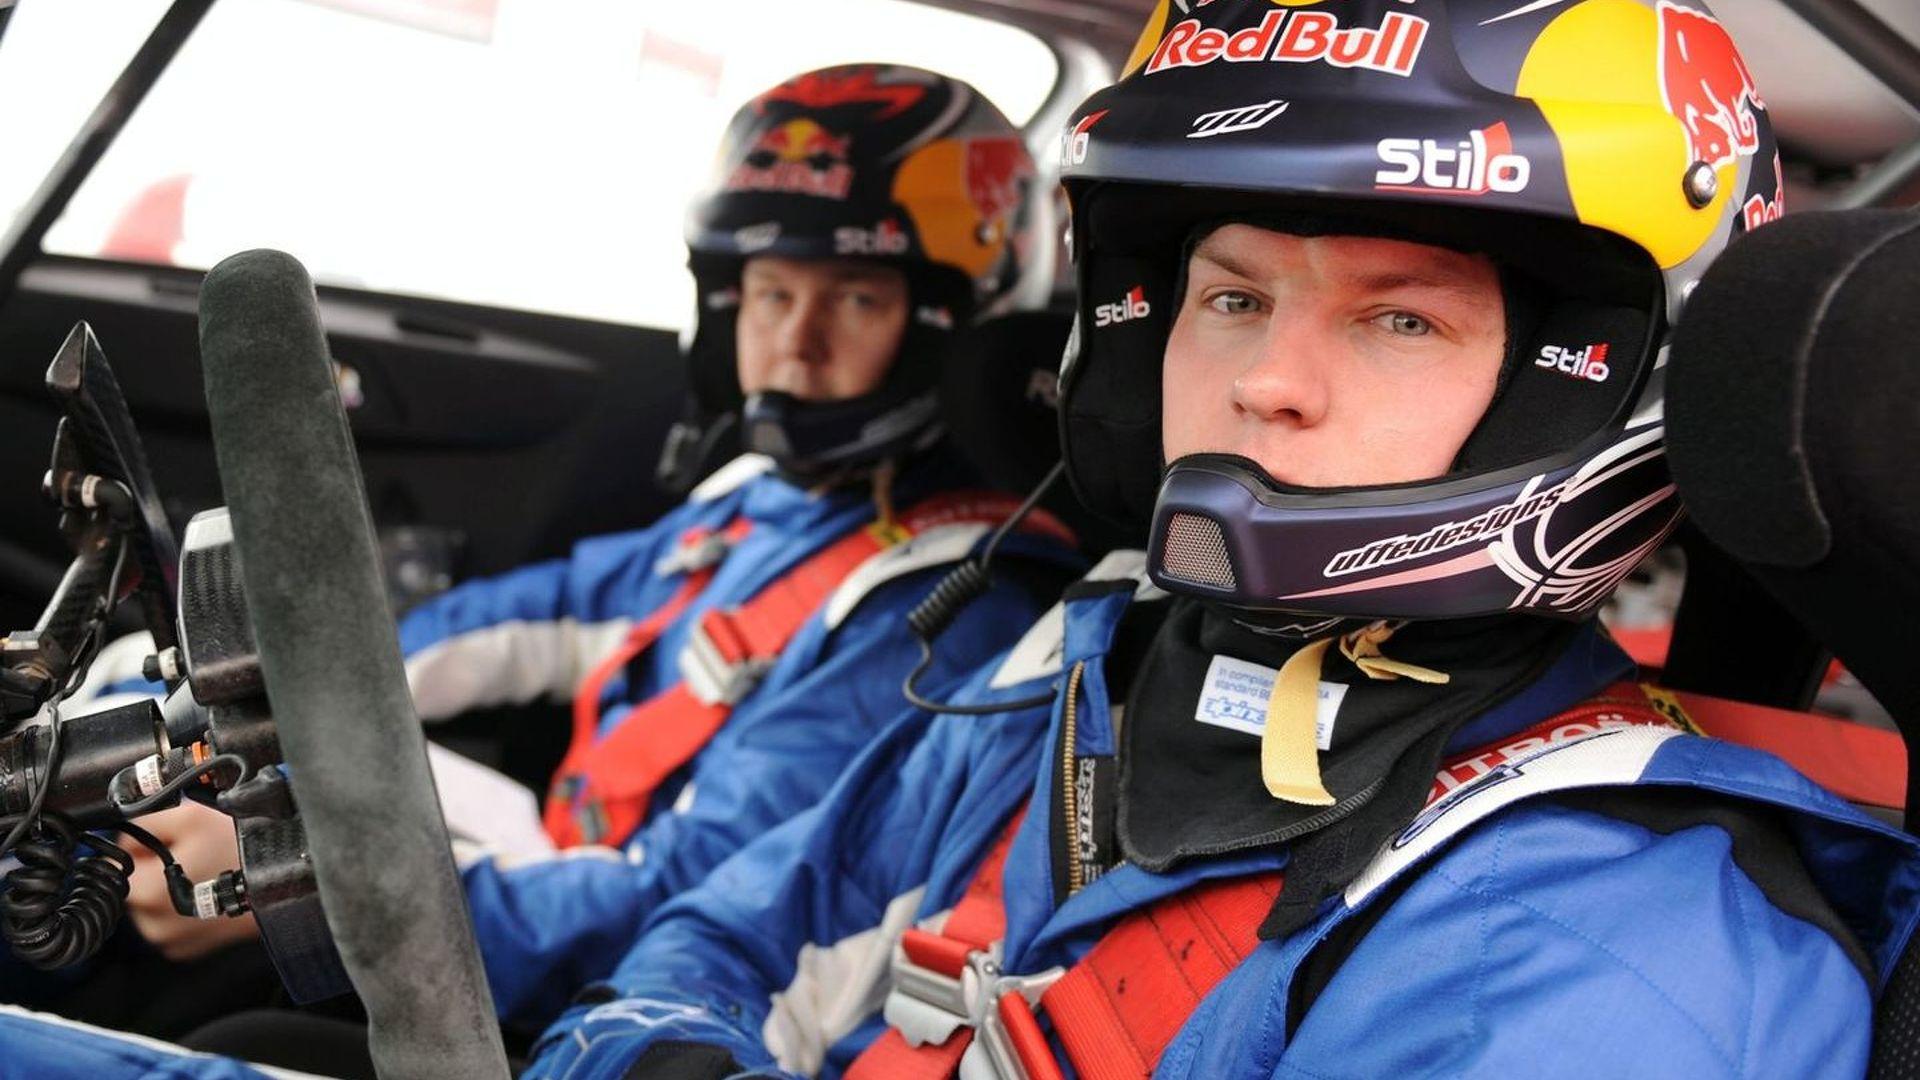 F1 return idea for Raikkonen 'interesting' - Red Bull